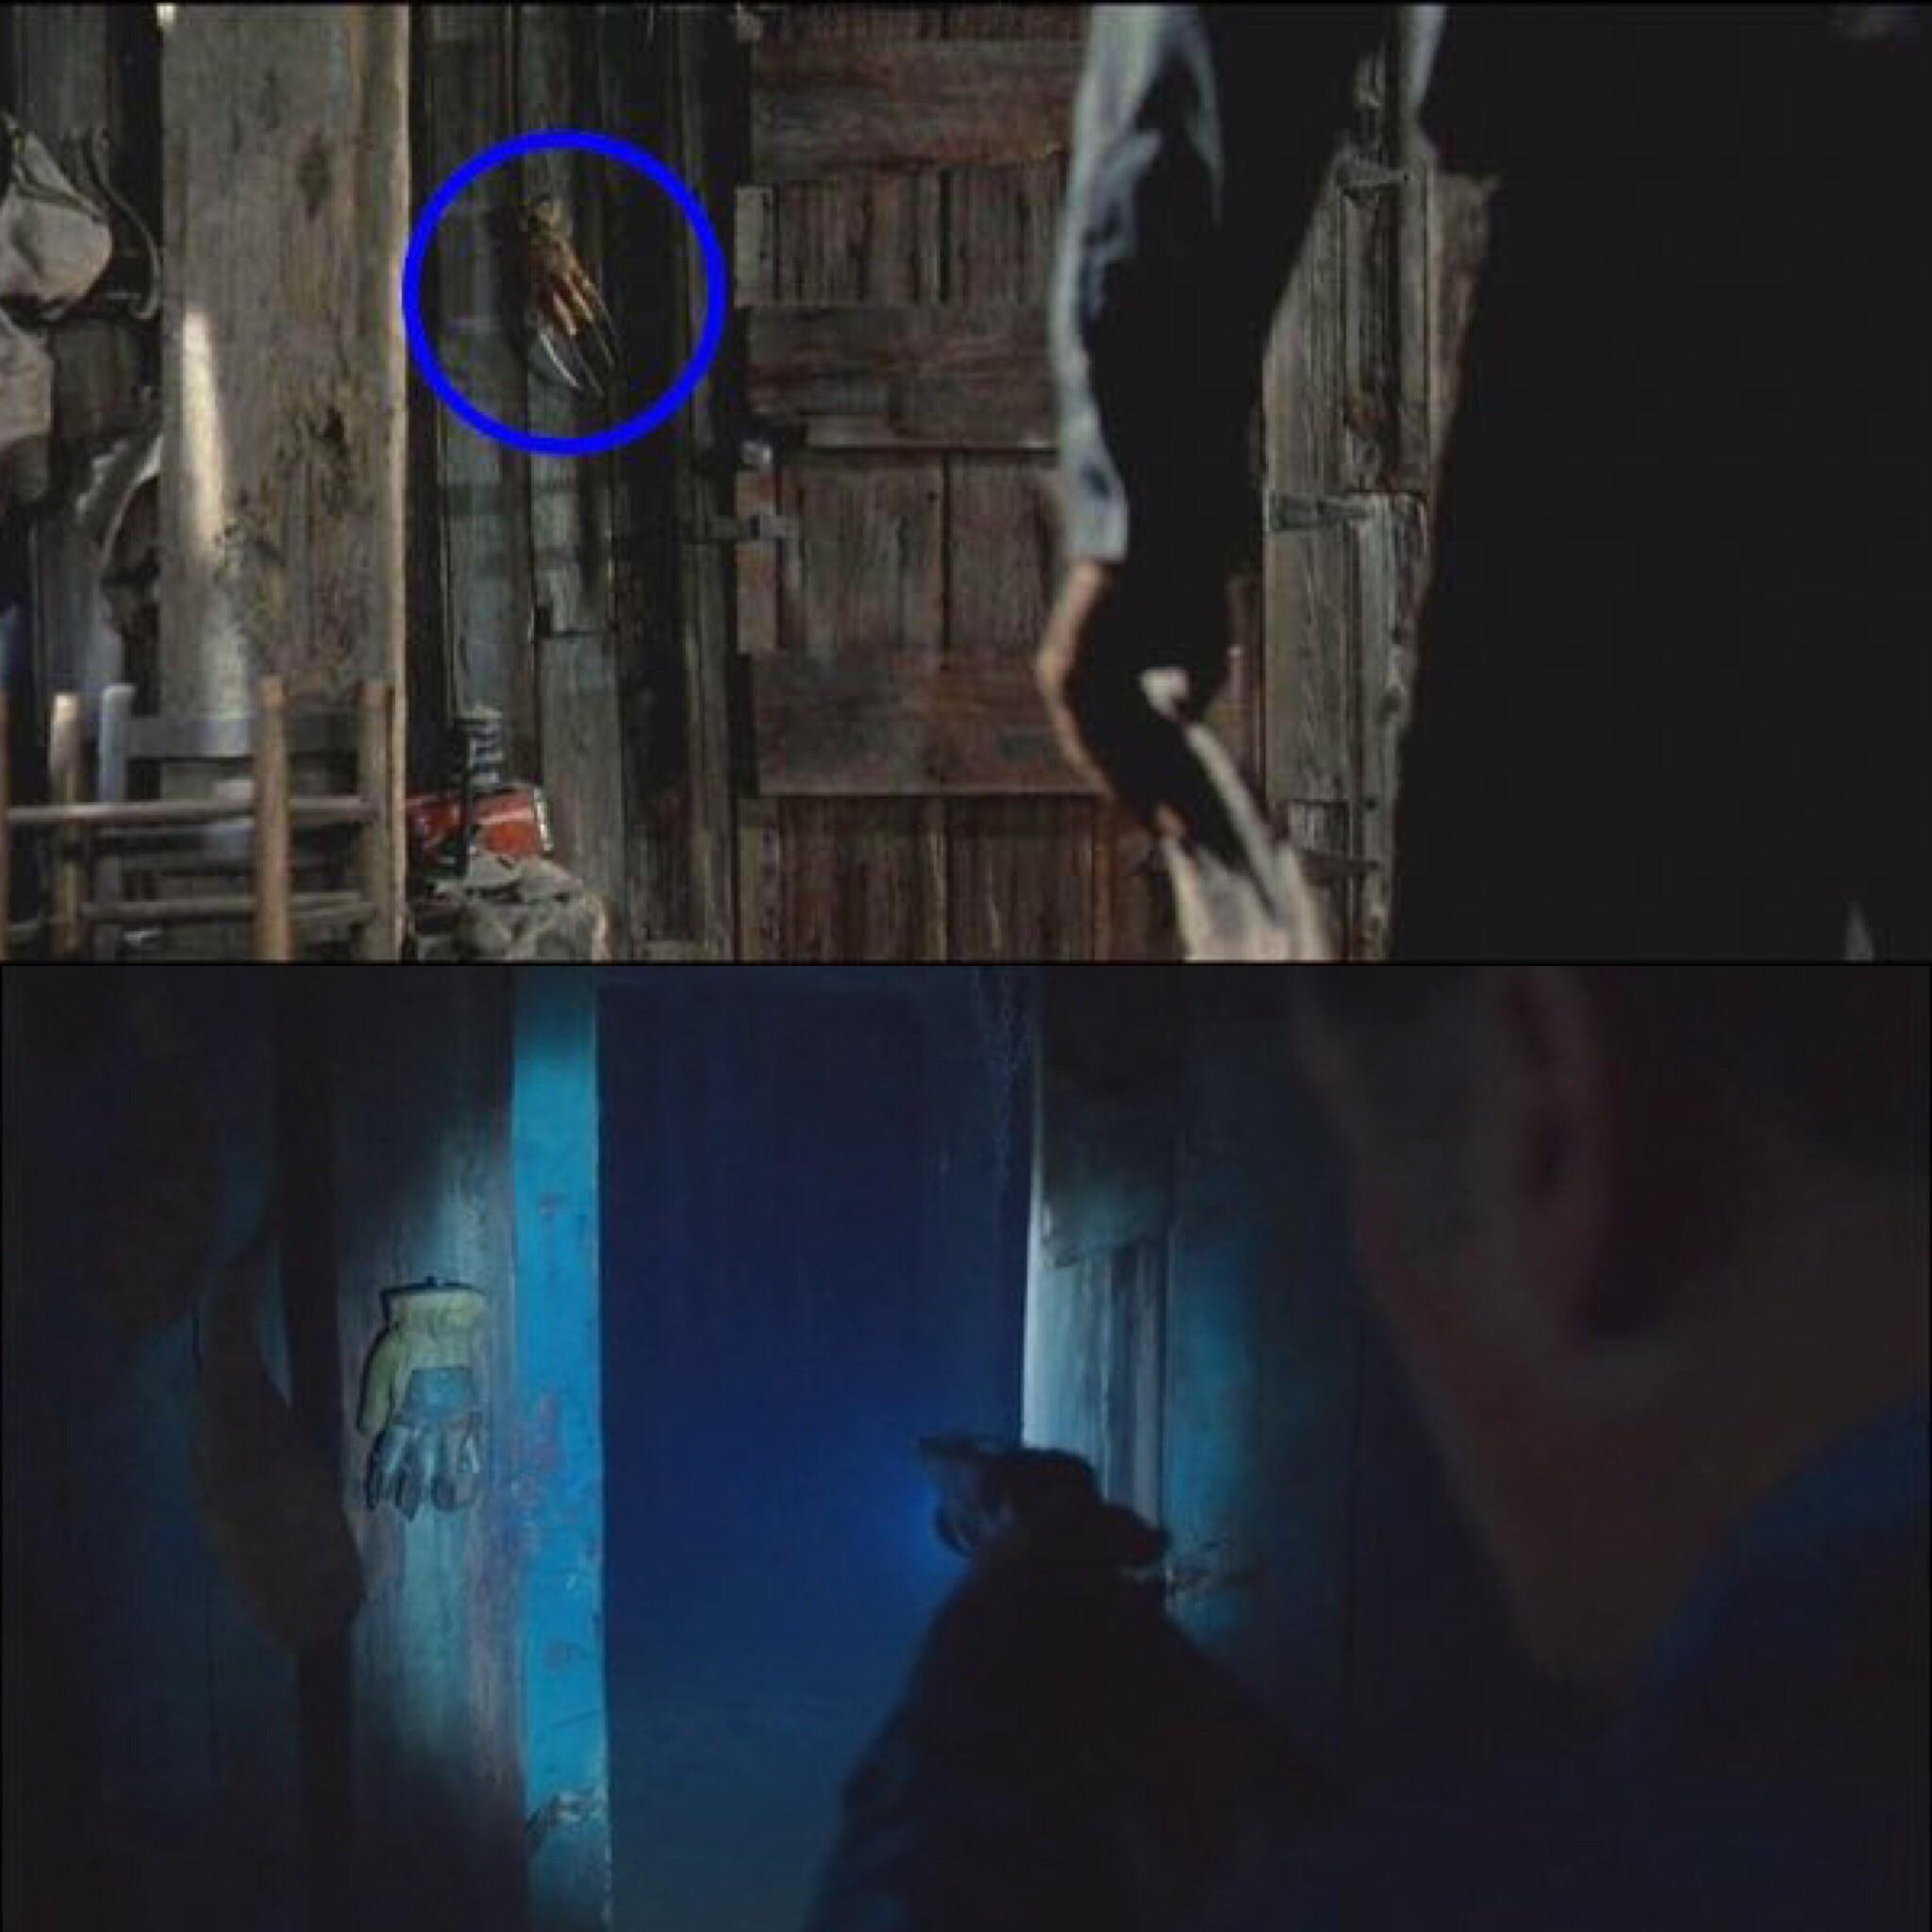 Freddy Krueger a Nightmare on Elmstreet Easter Eggs in the Evil Dead Franchise Jcjs7m10